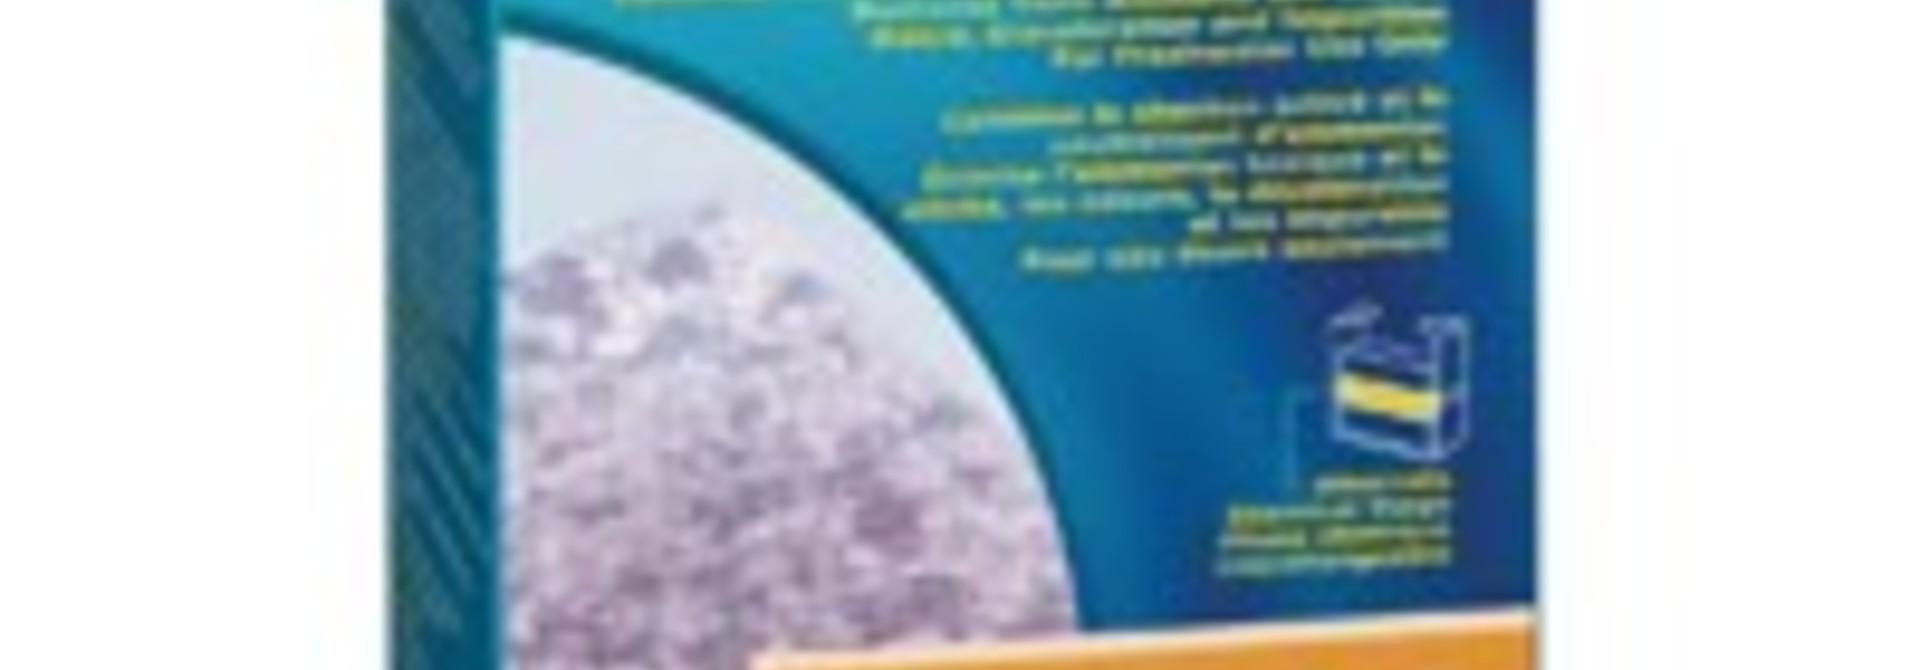 AquaClear 30 Zeo-Carb Filter Insert, 65 g (2.3 oz)